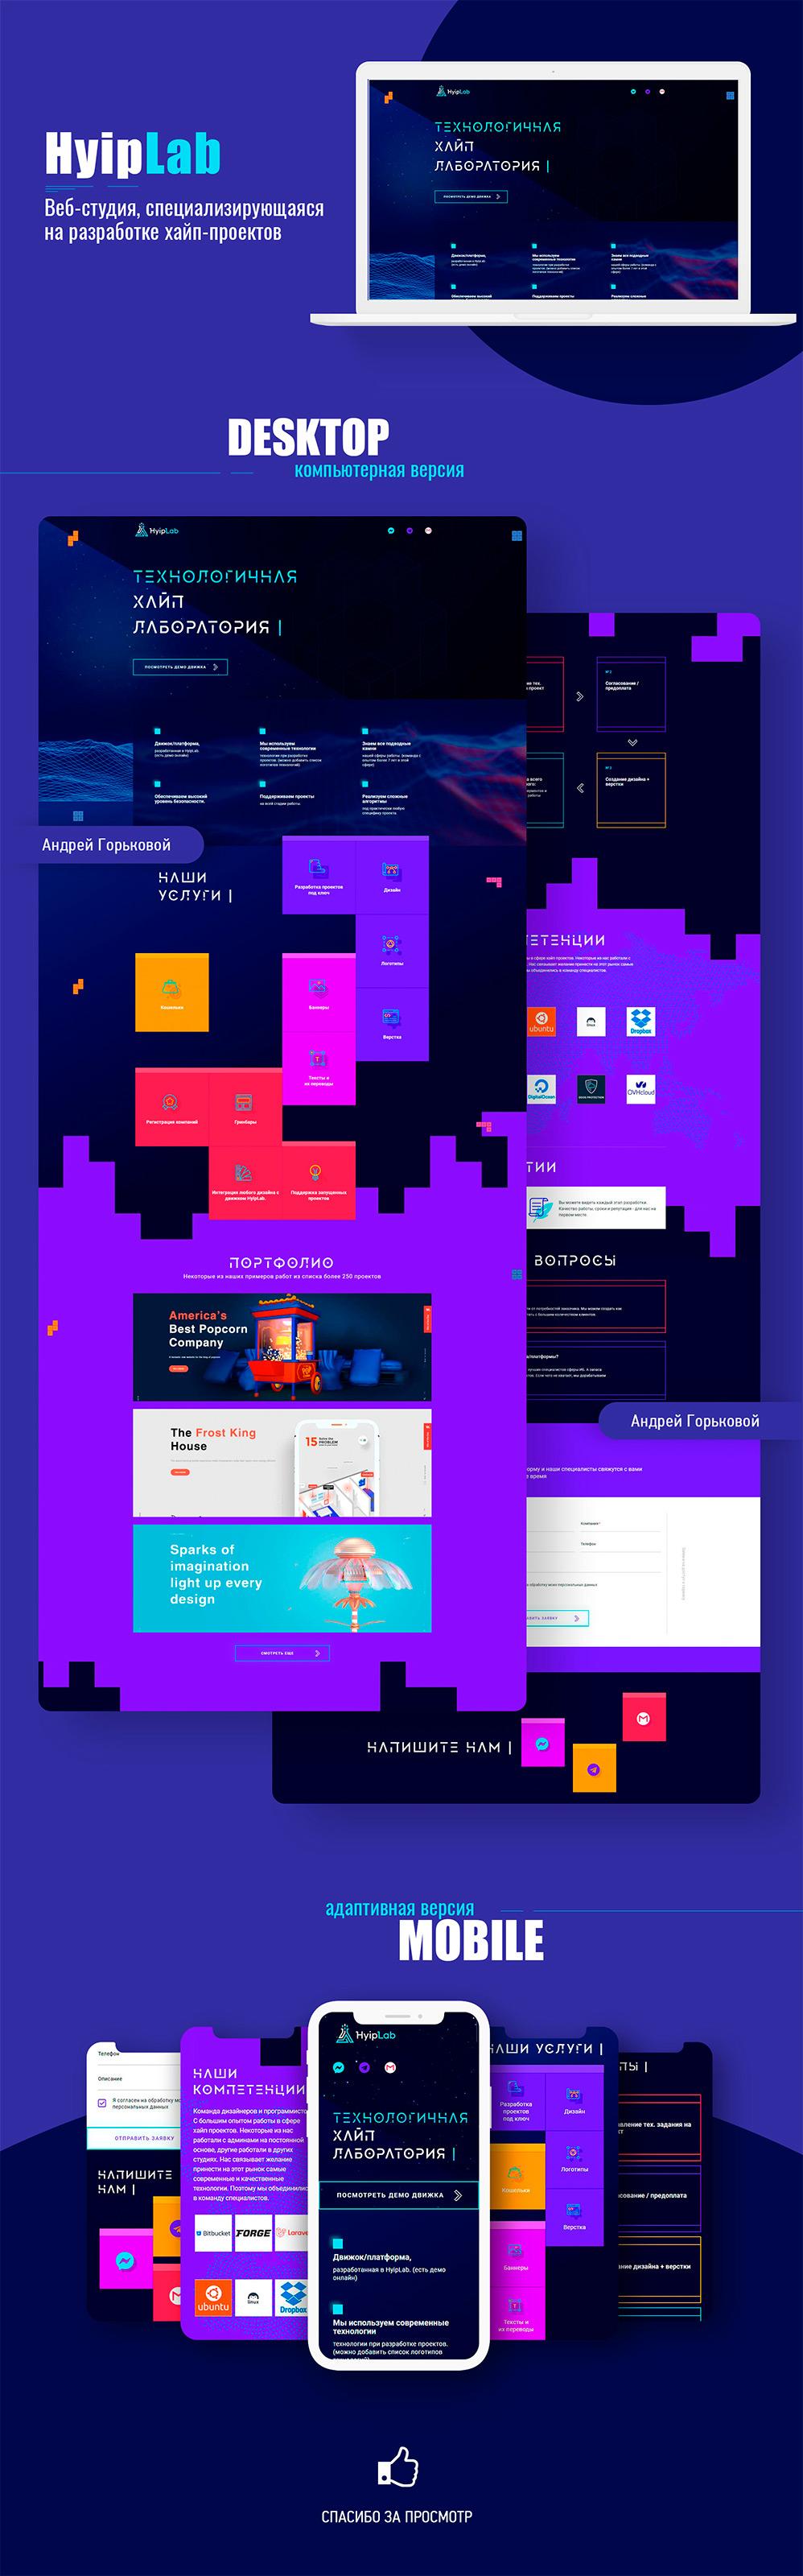 HyipLab - веб-студия по созданию сайтов для хайп-проектов